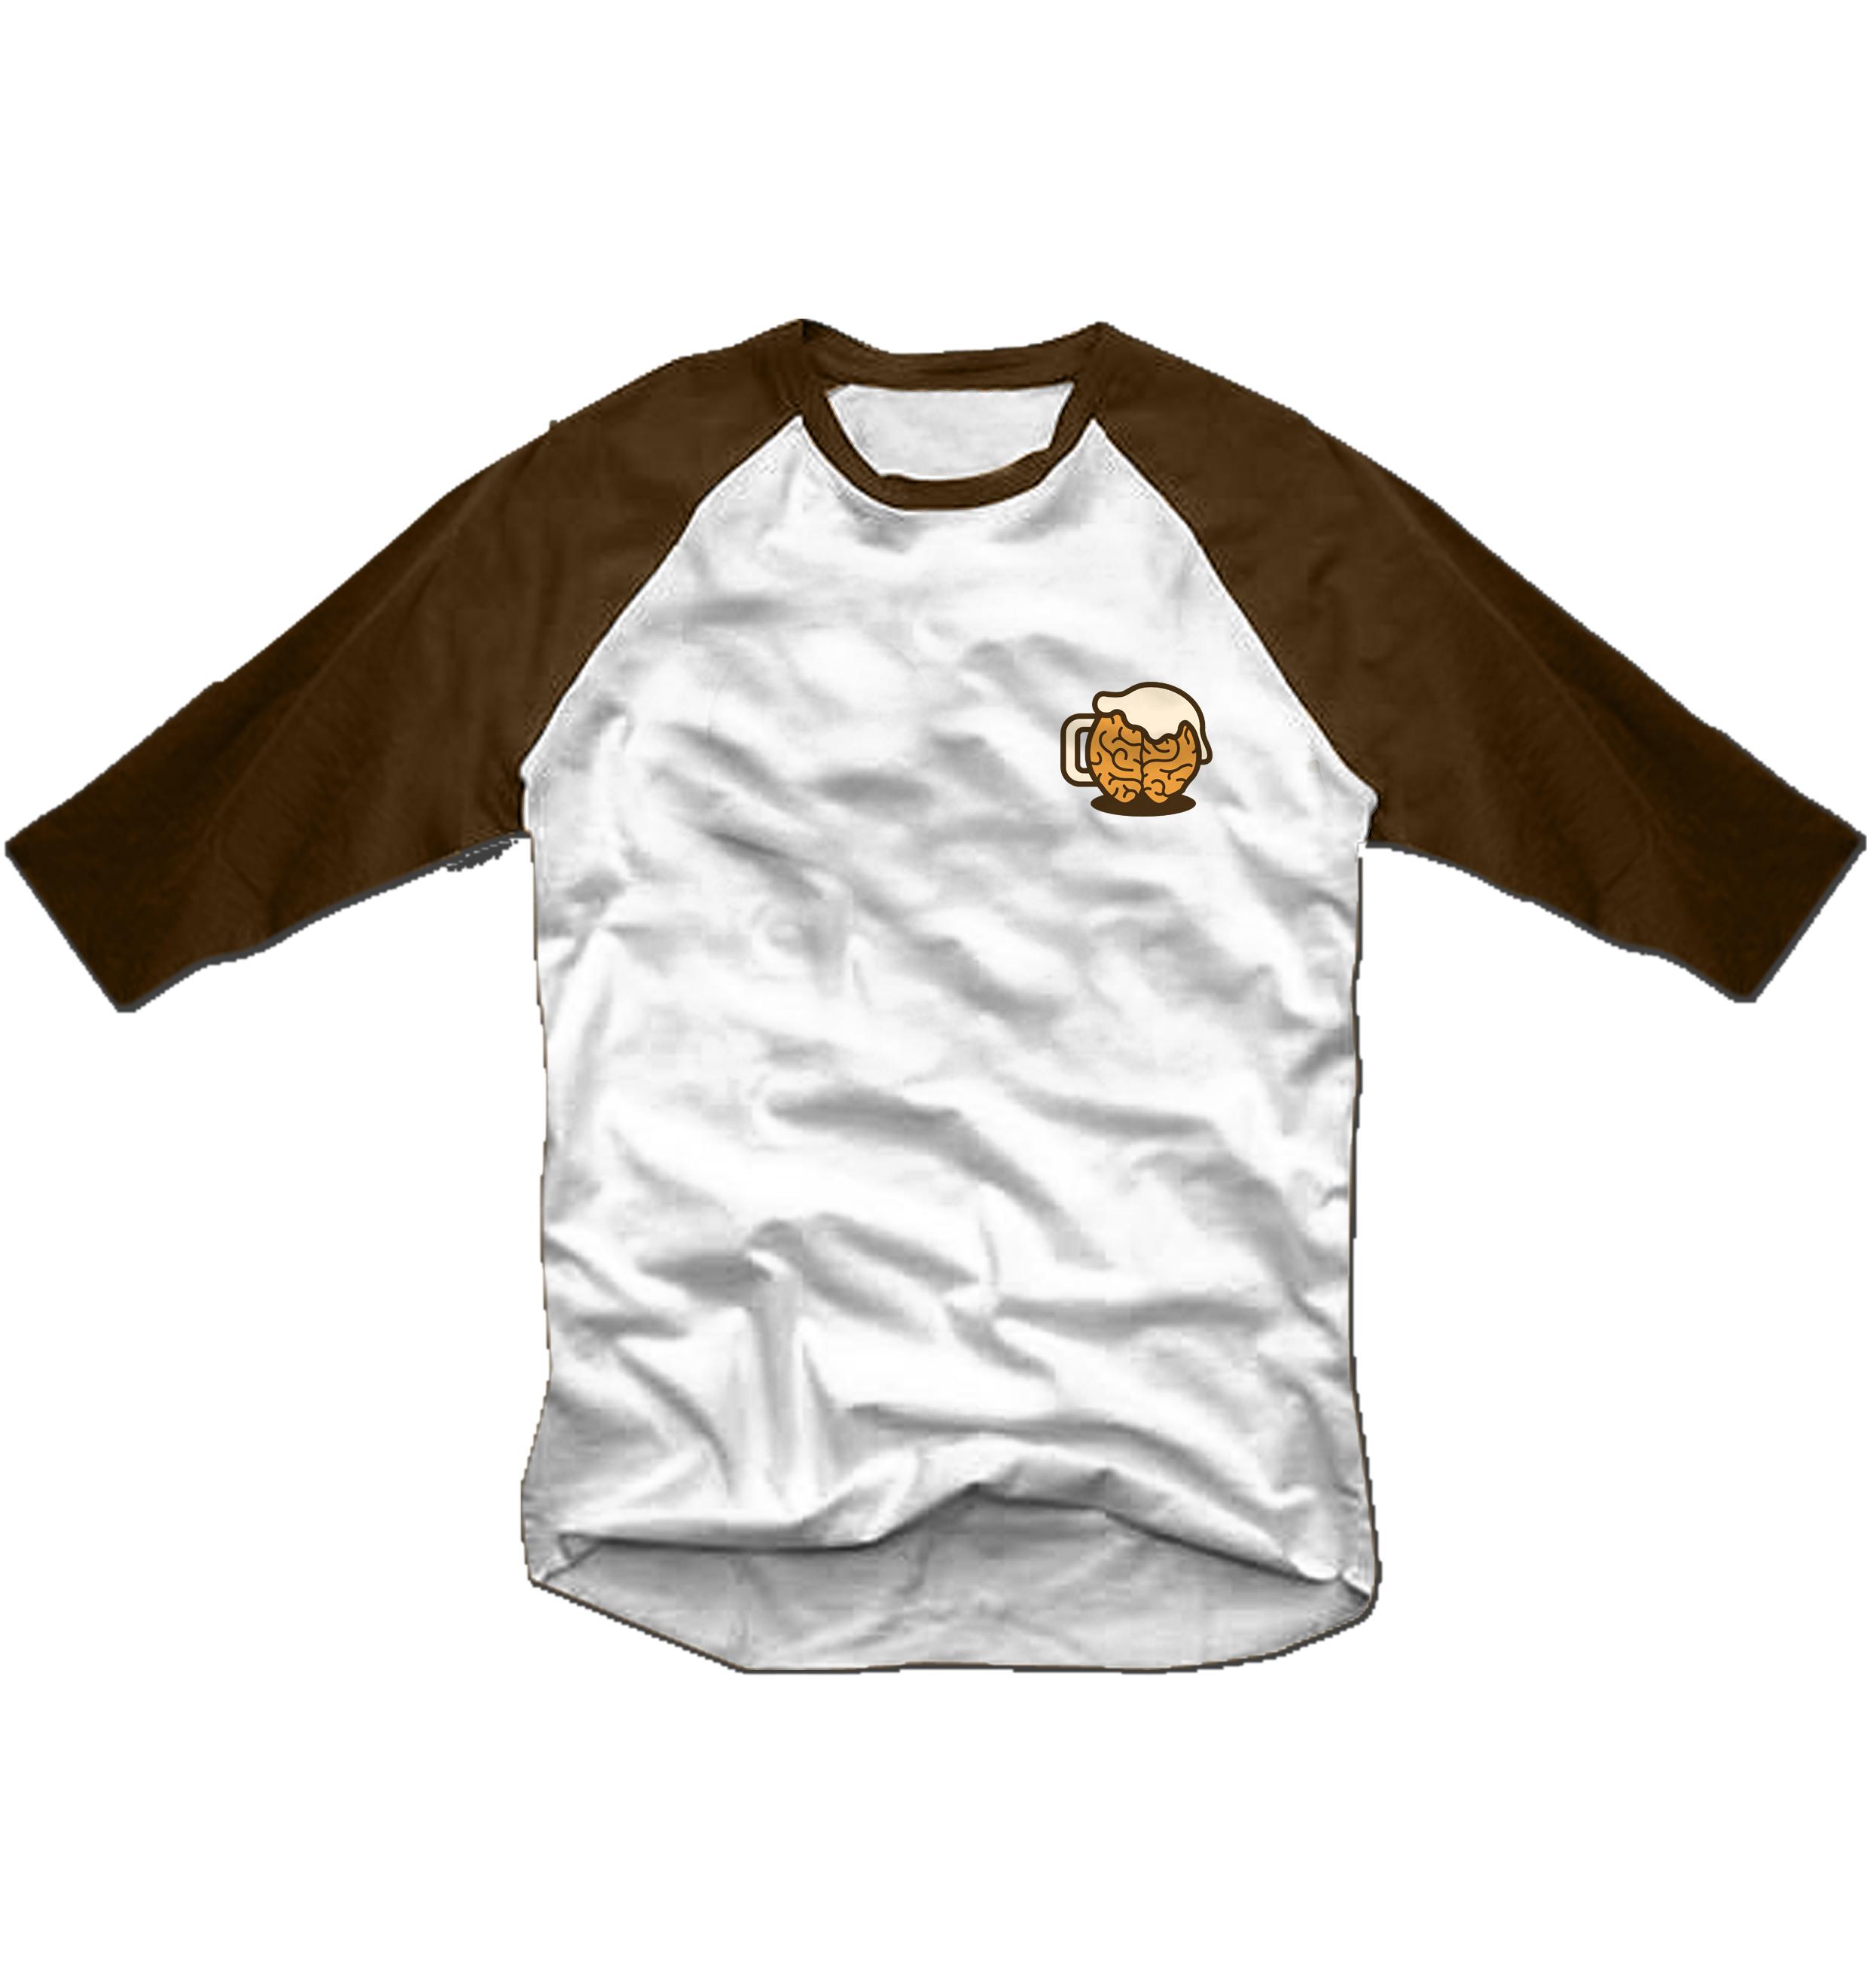 Shirt_6.jpg